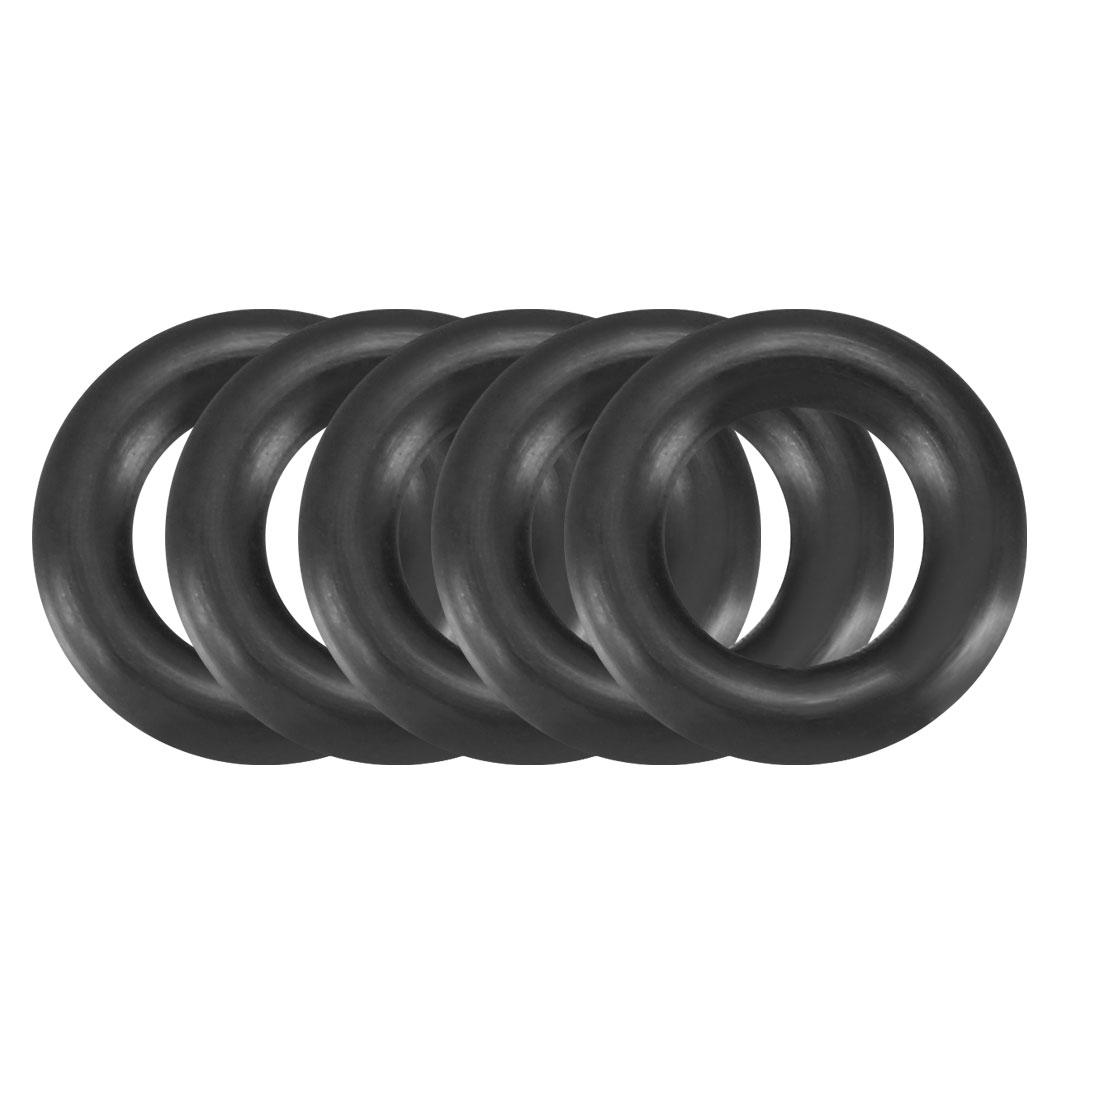 30pcs Black Nitrile Butadiene Rubber NBR O-Ring 6mm Inner Dia 2.5mm Width